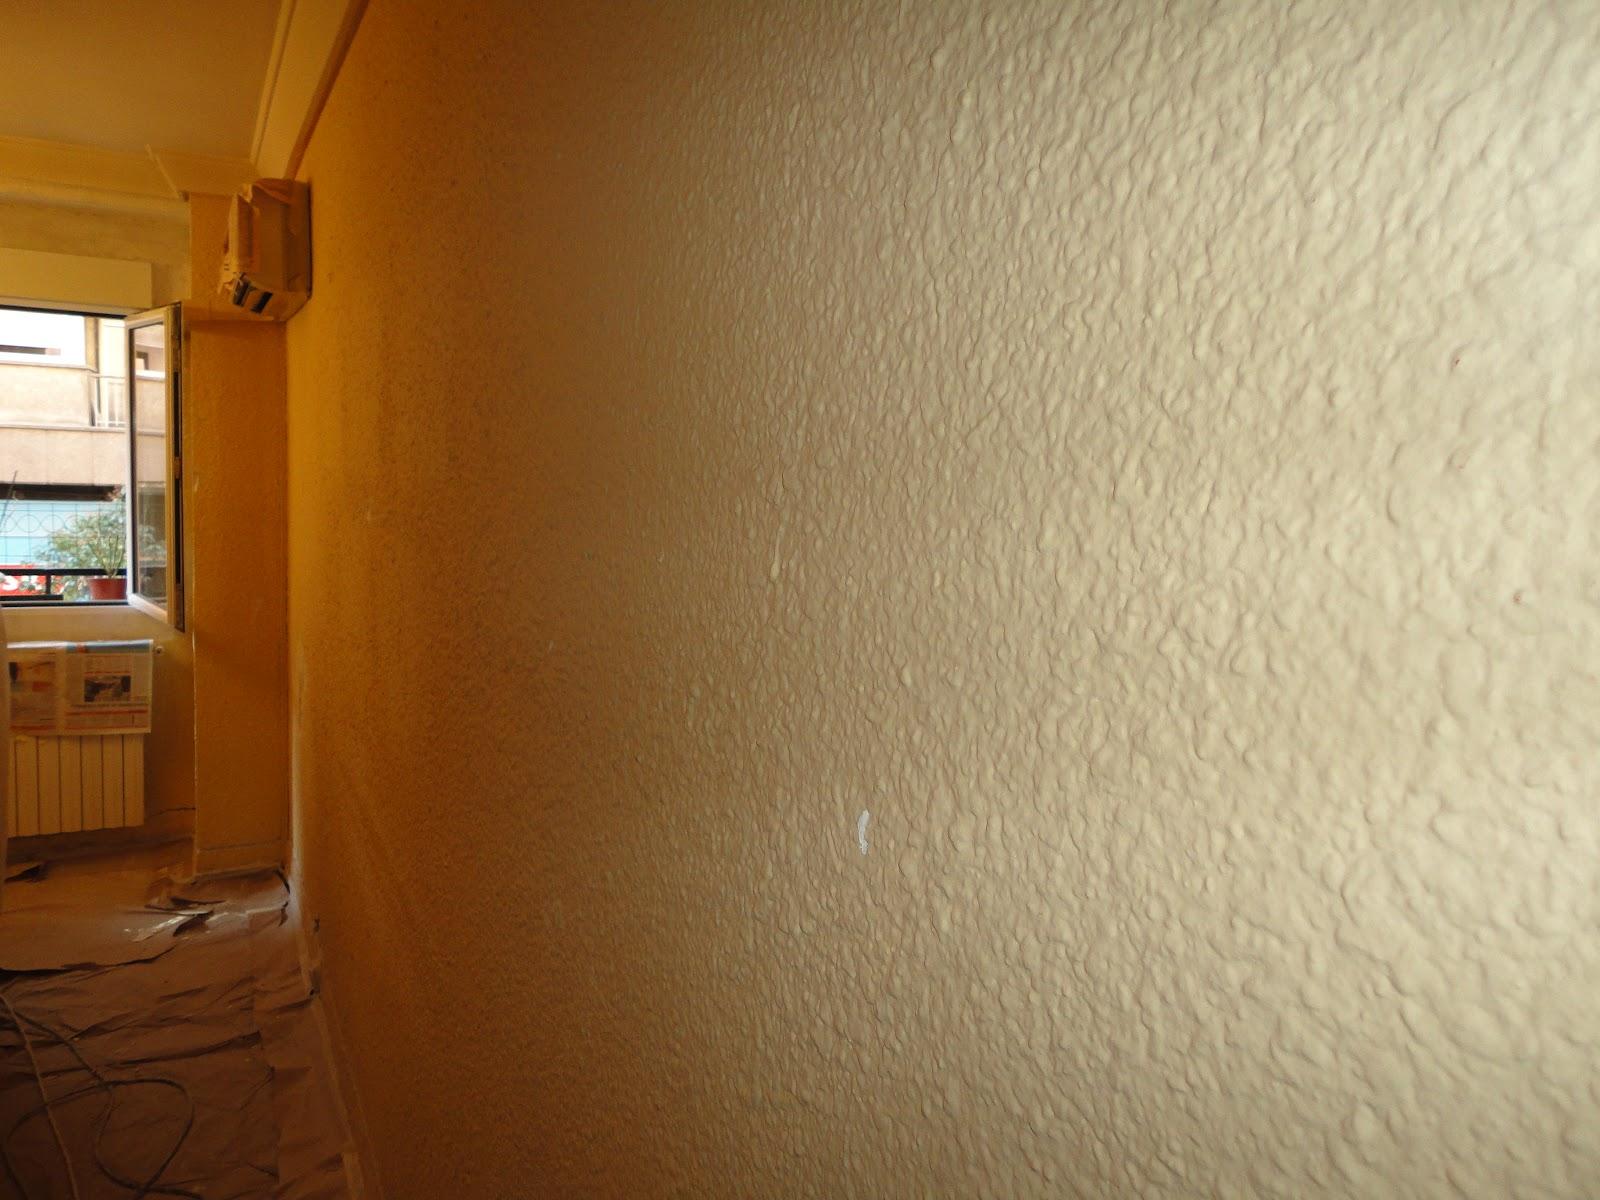 Alisado de paredes gallery of alisado de paredes de gotel for Pintar paredes estucadas